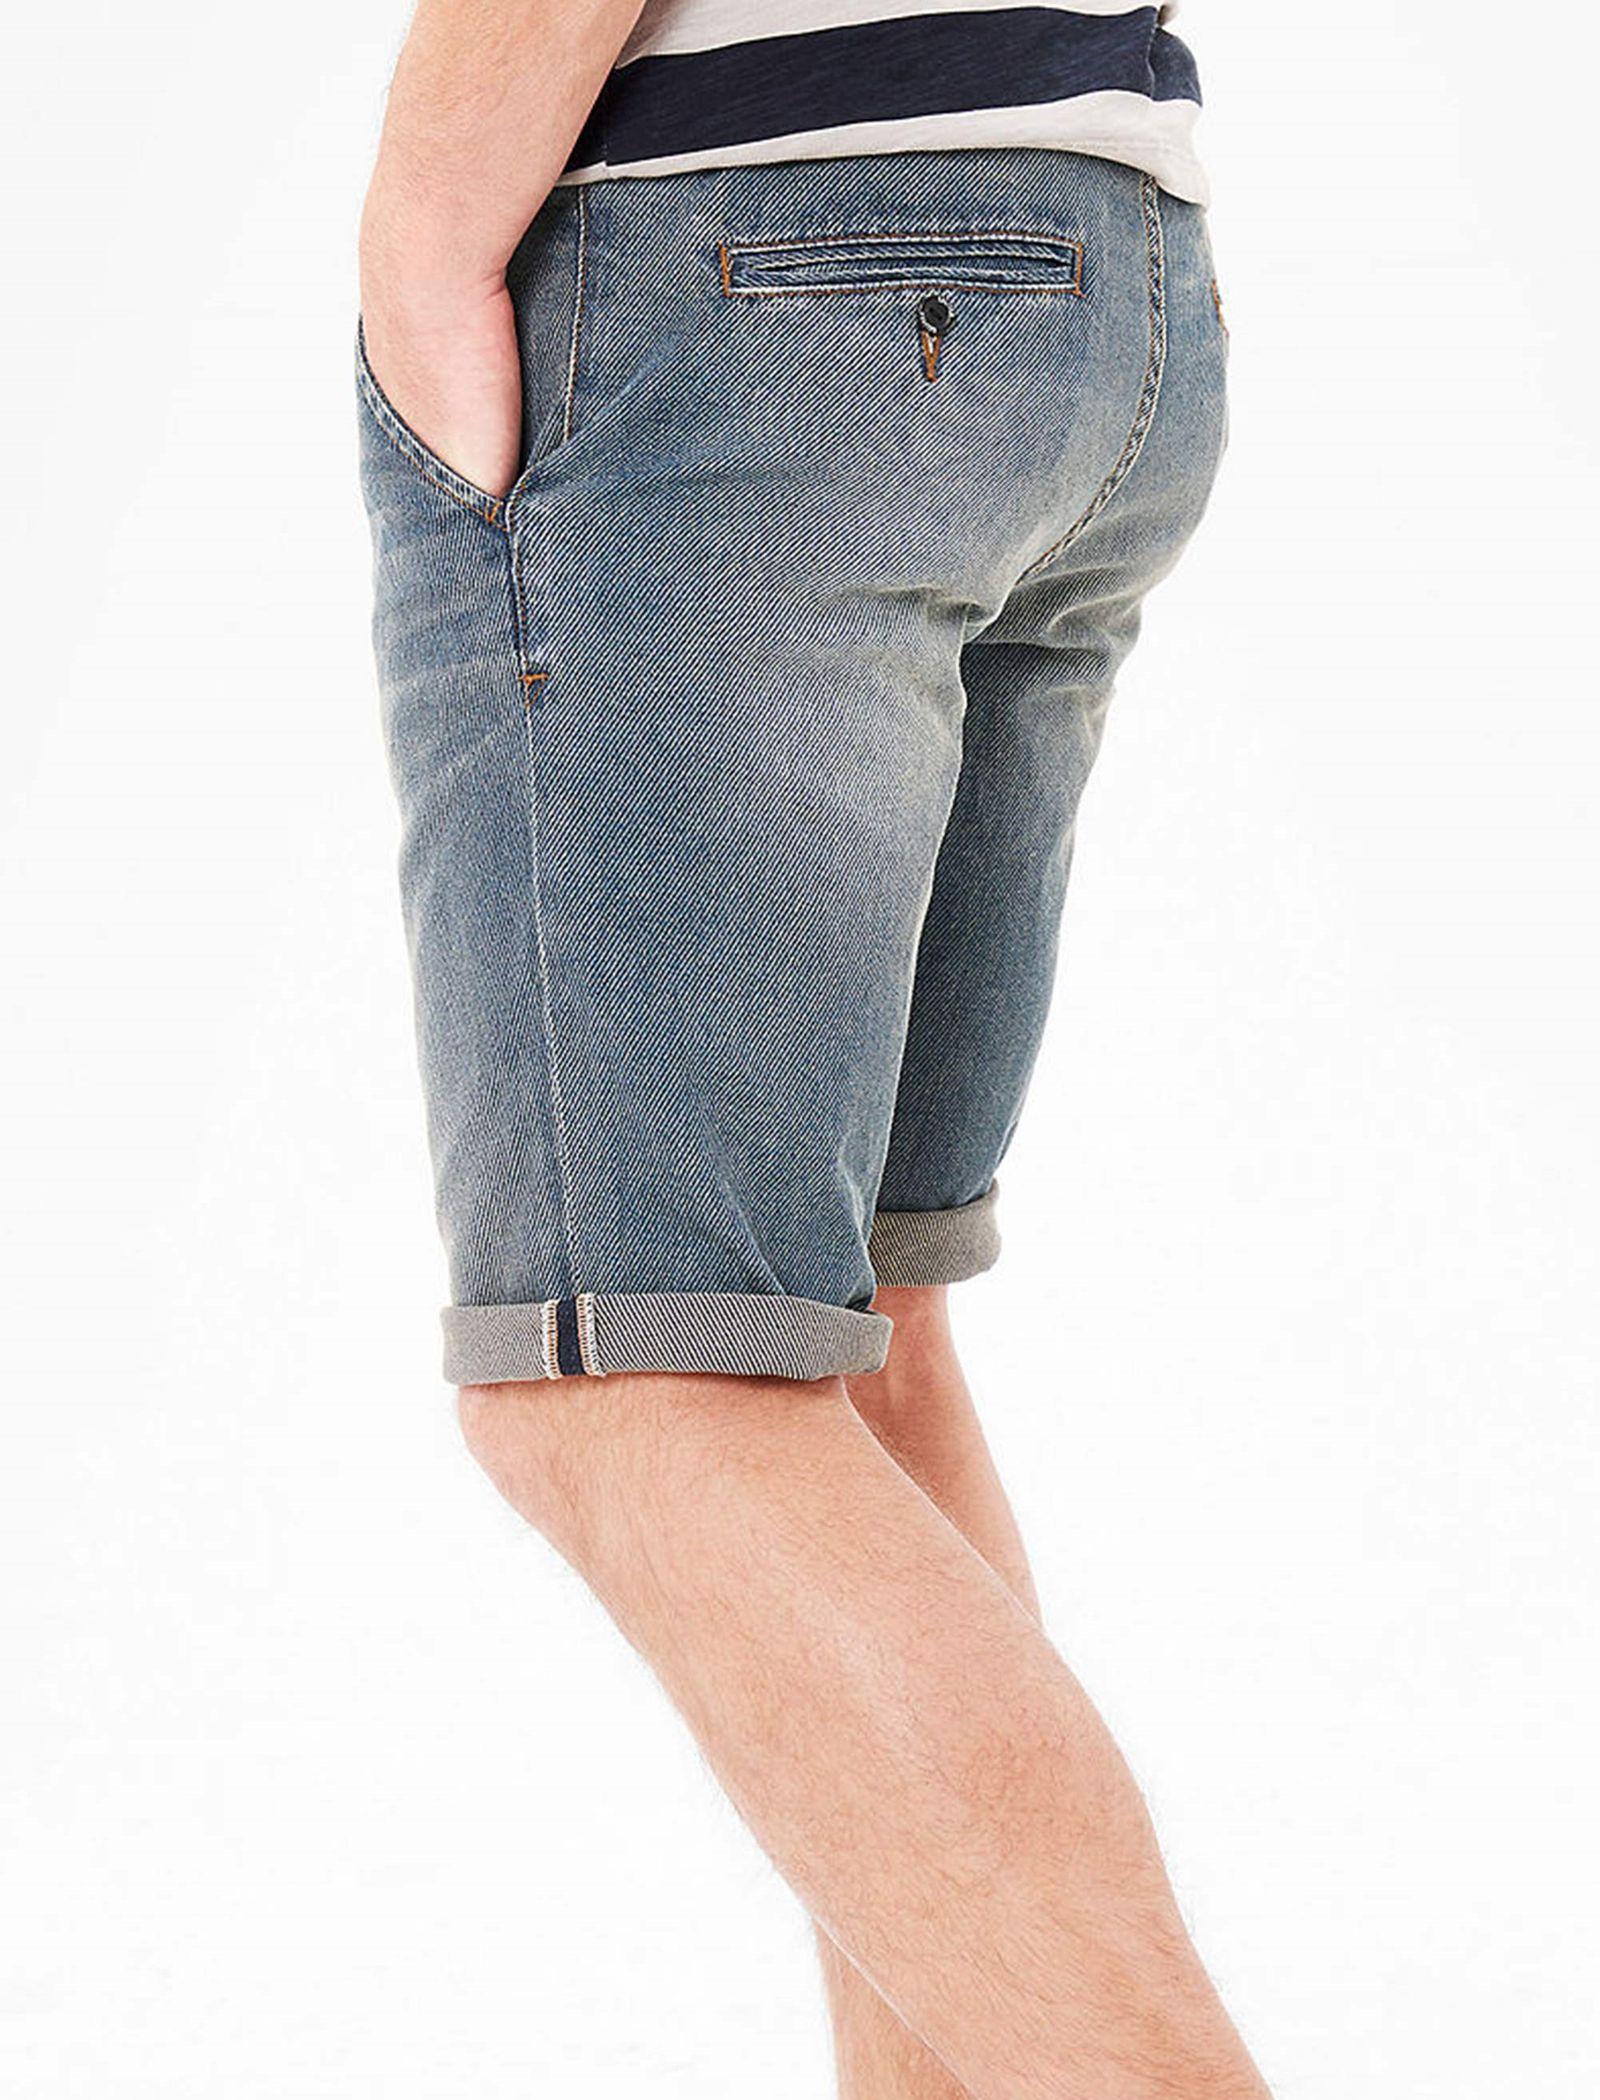 شلوارک جین مردانه - اس.اولیور - آبي  - 3